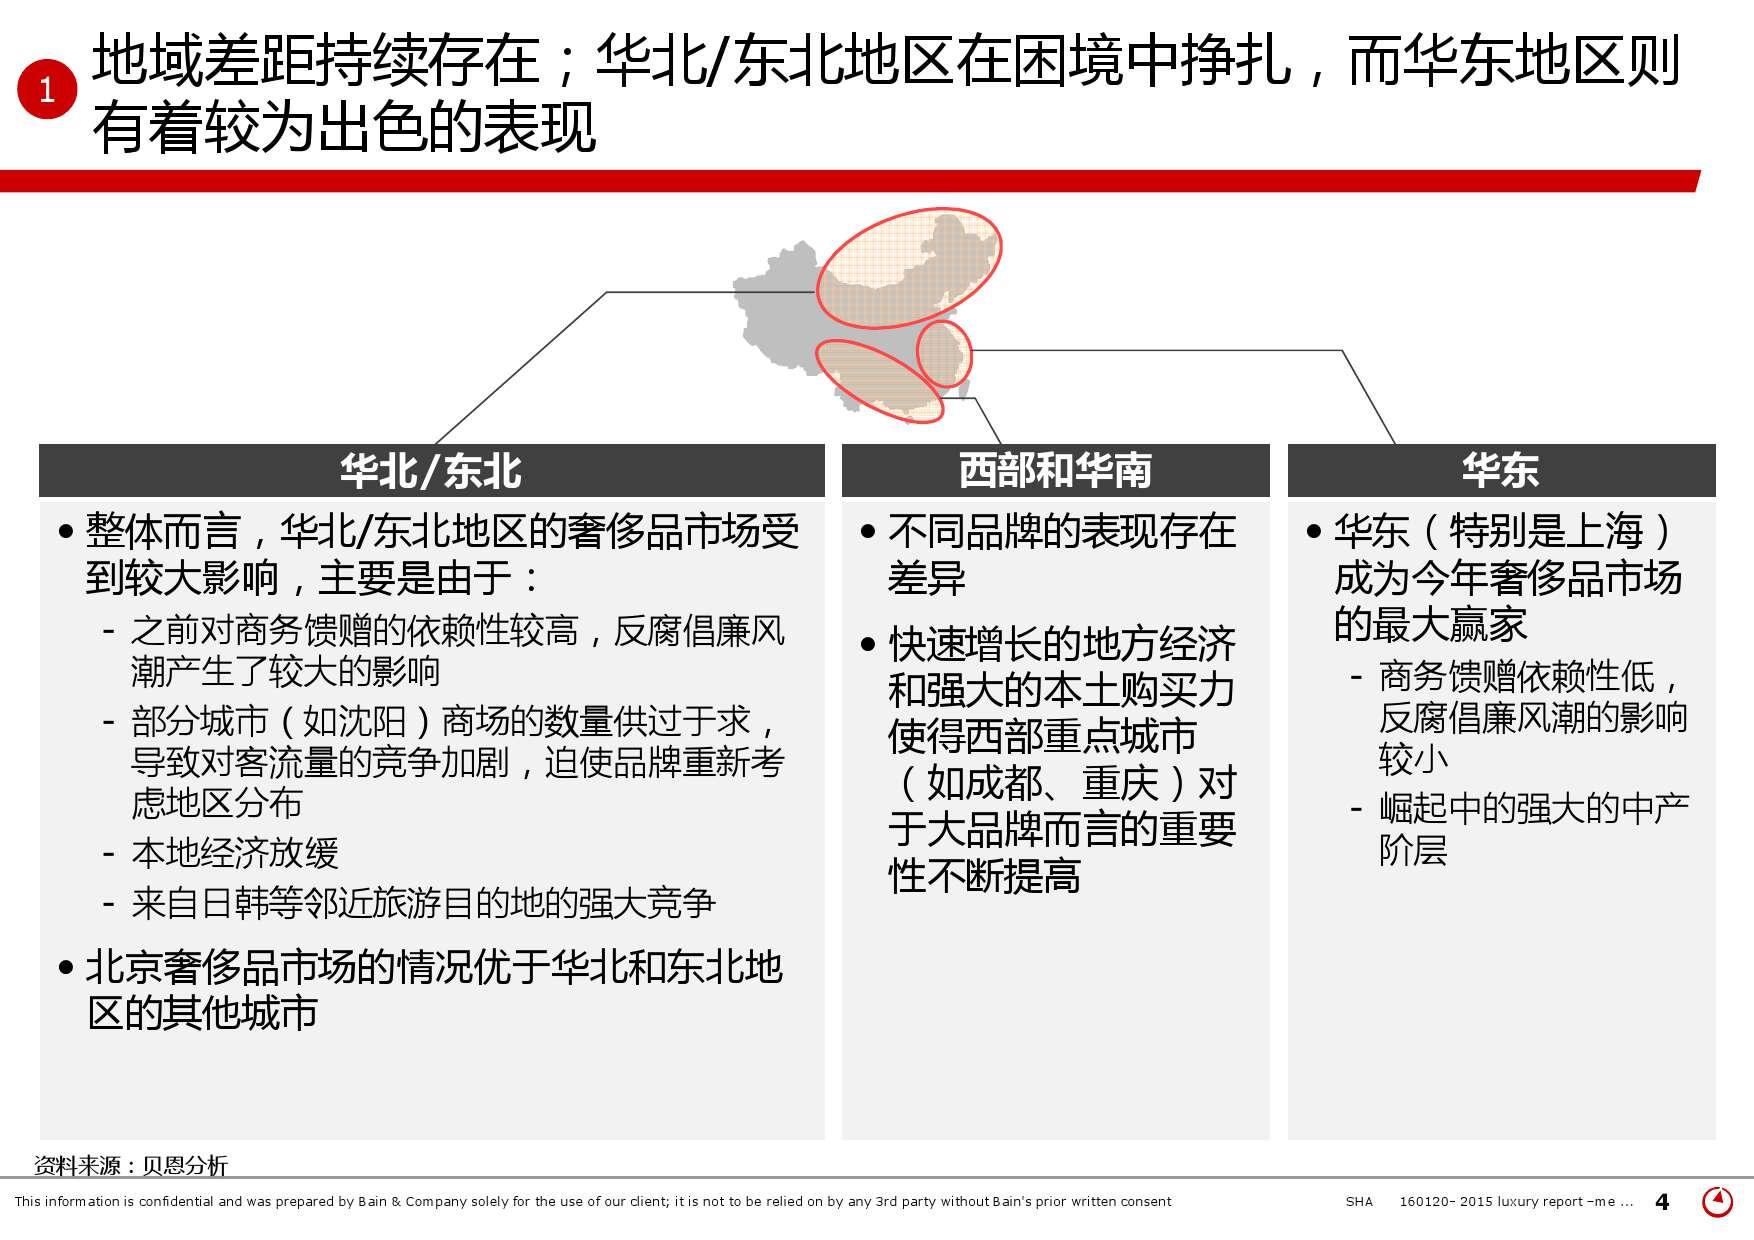 2015年中国奢侈品市场研究报告_000004